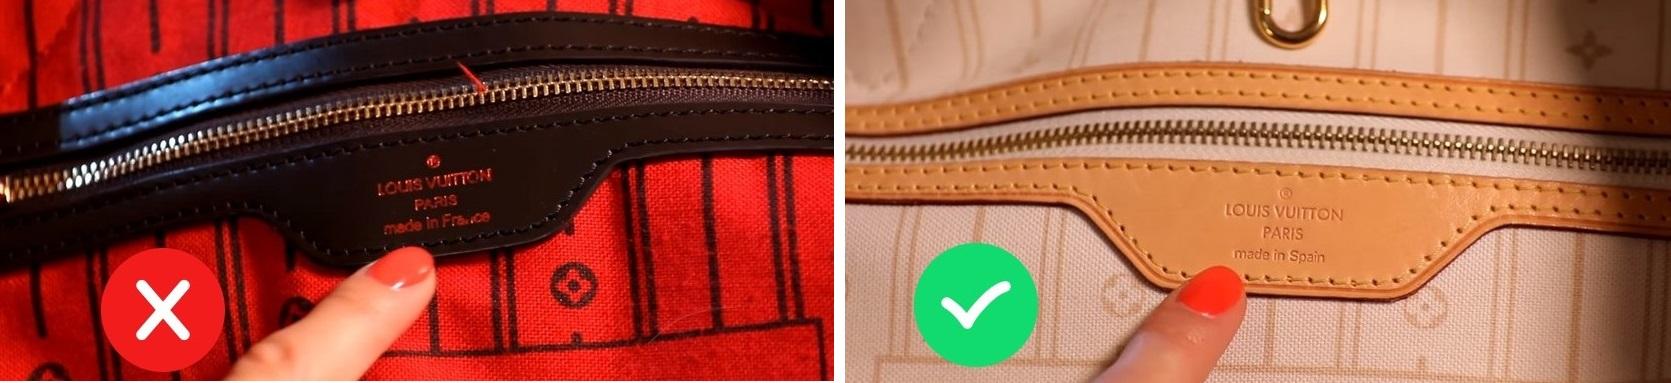 Логотип на оригинальной сумке Луи Витон и на подделке